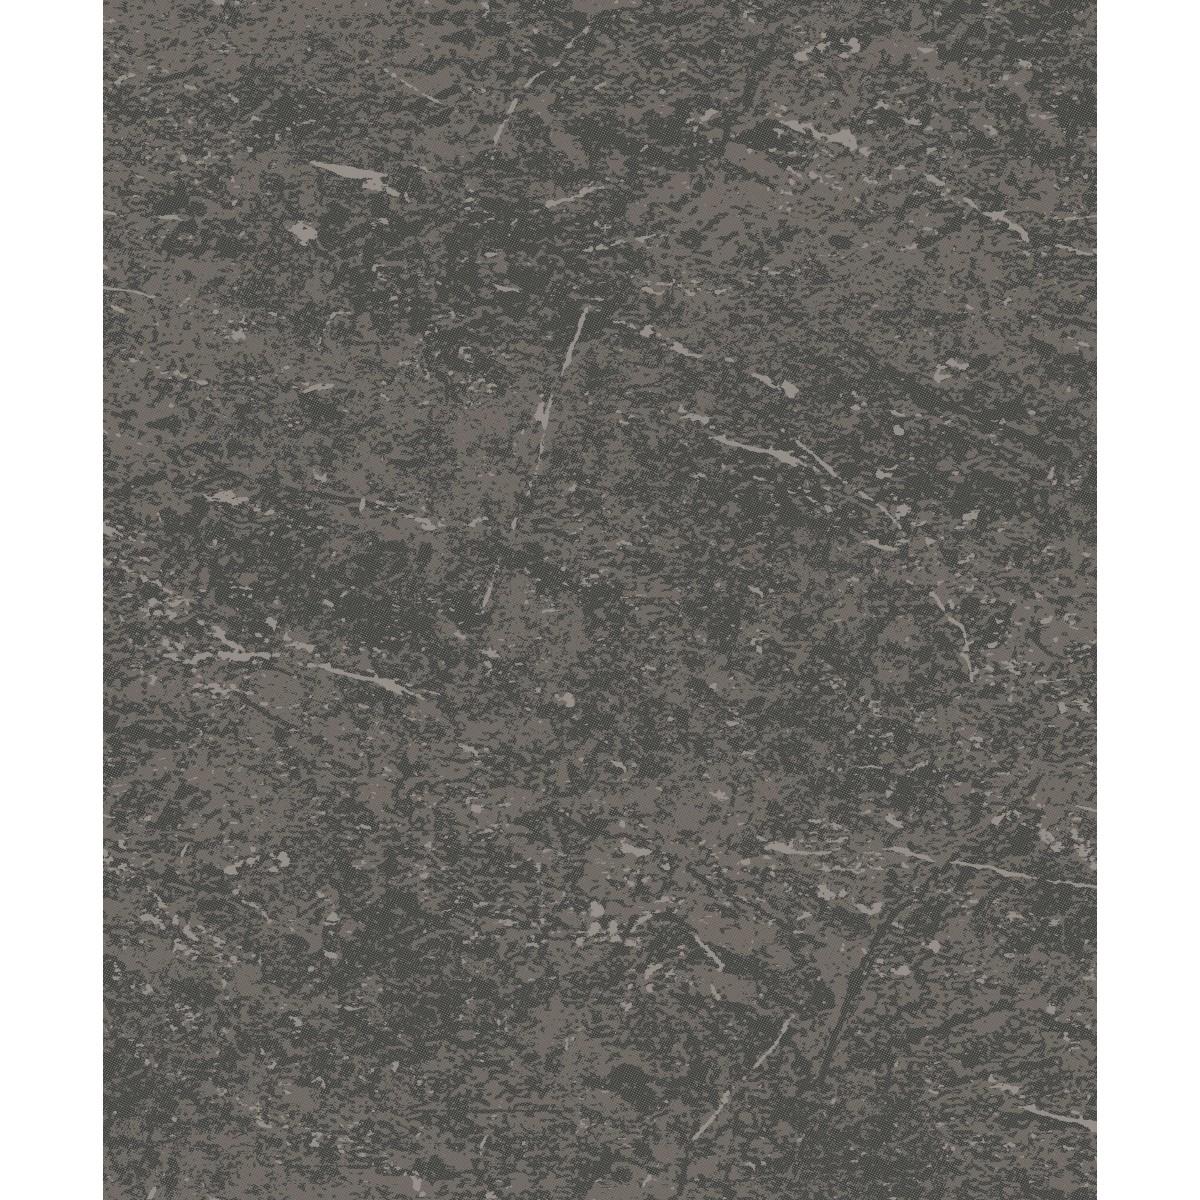 Обои флизелиновые Decoprint Era коричневые 0.53 м ER19027